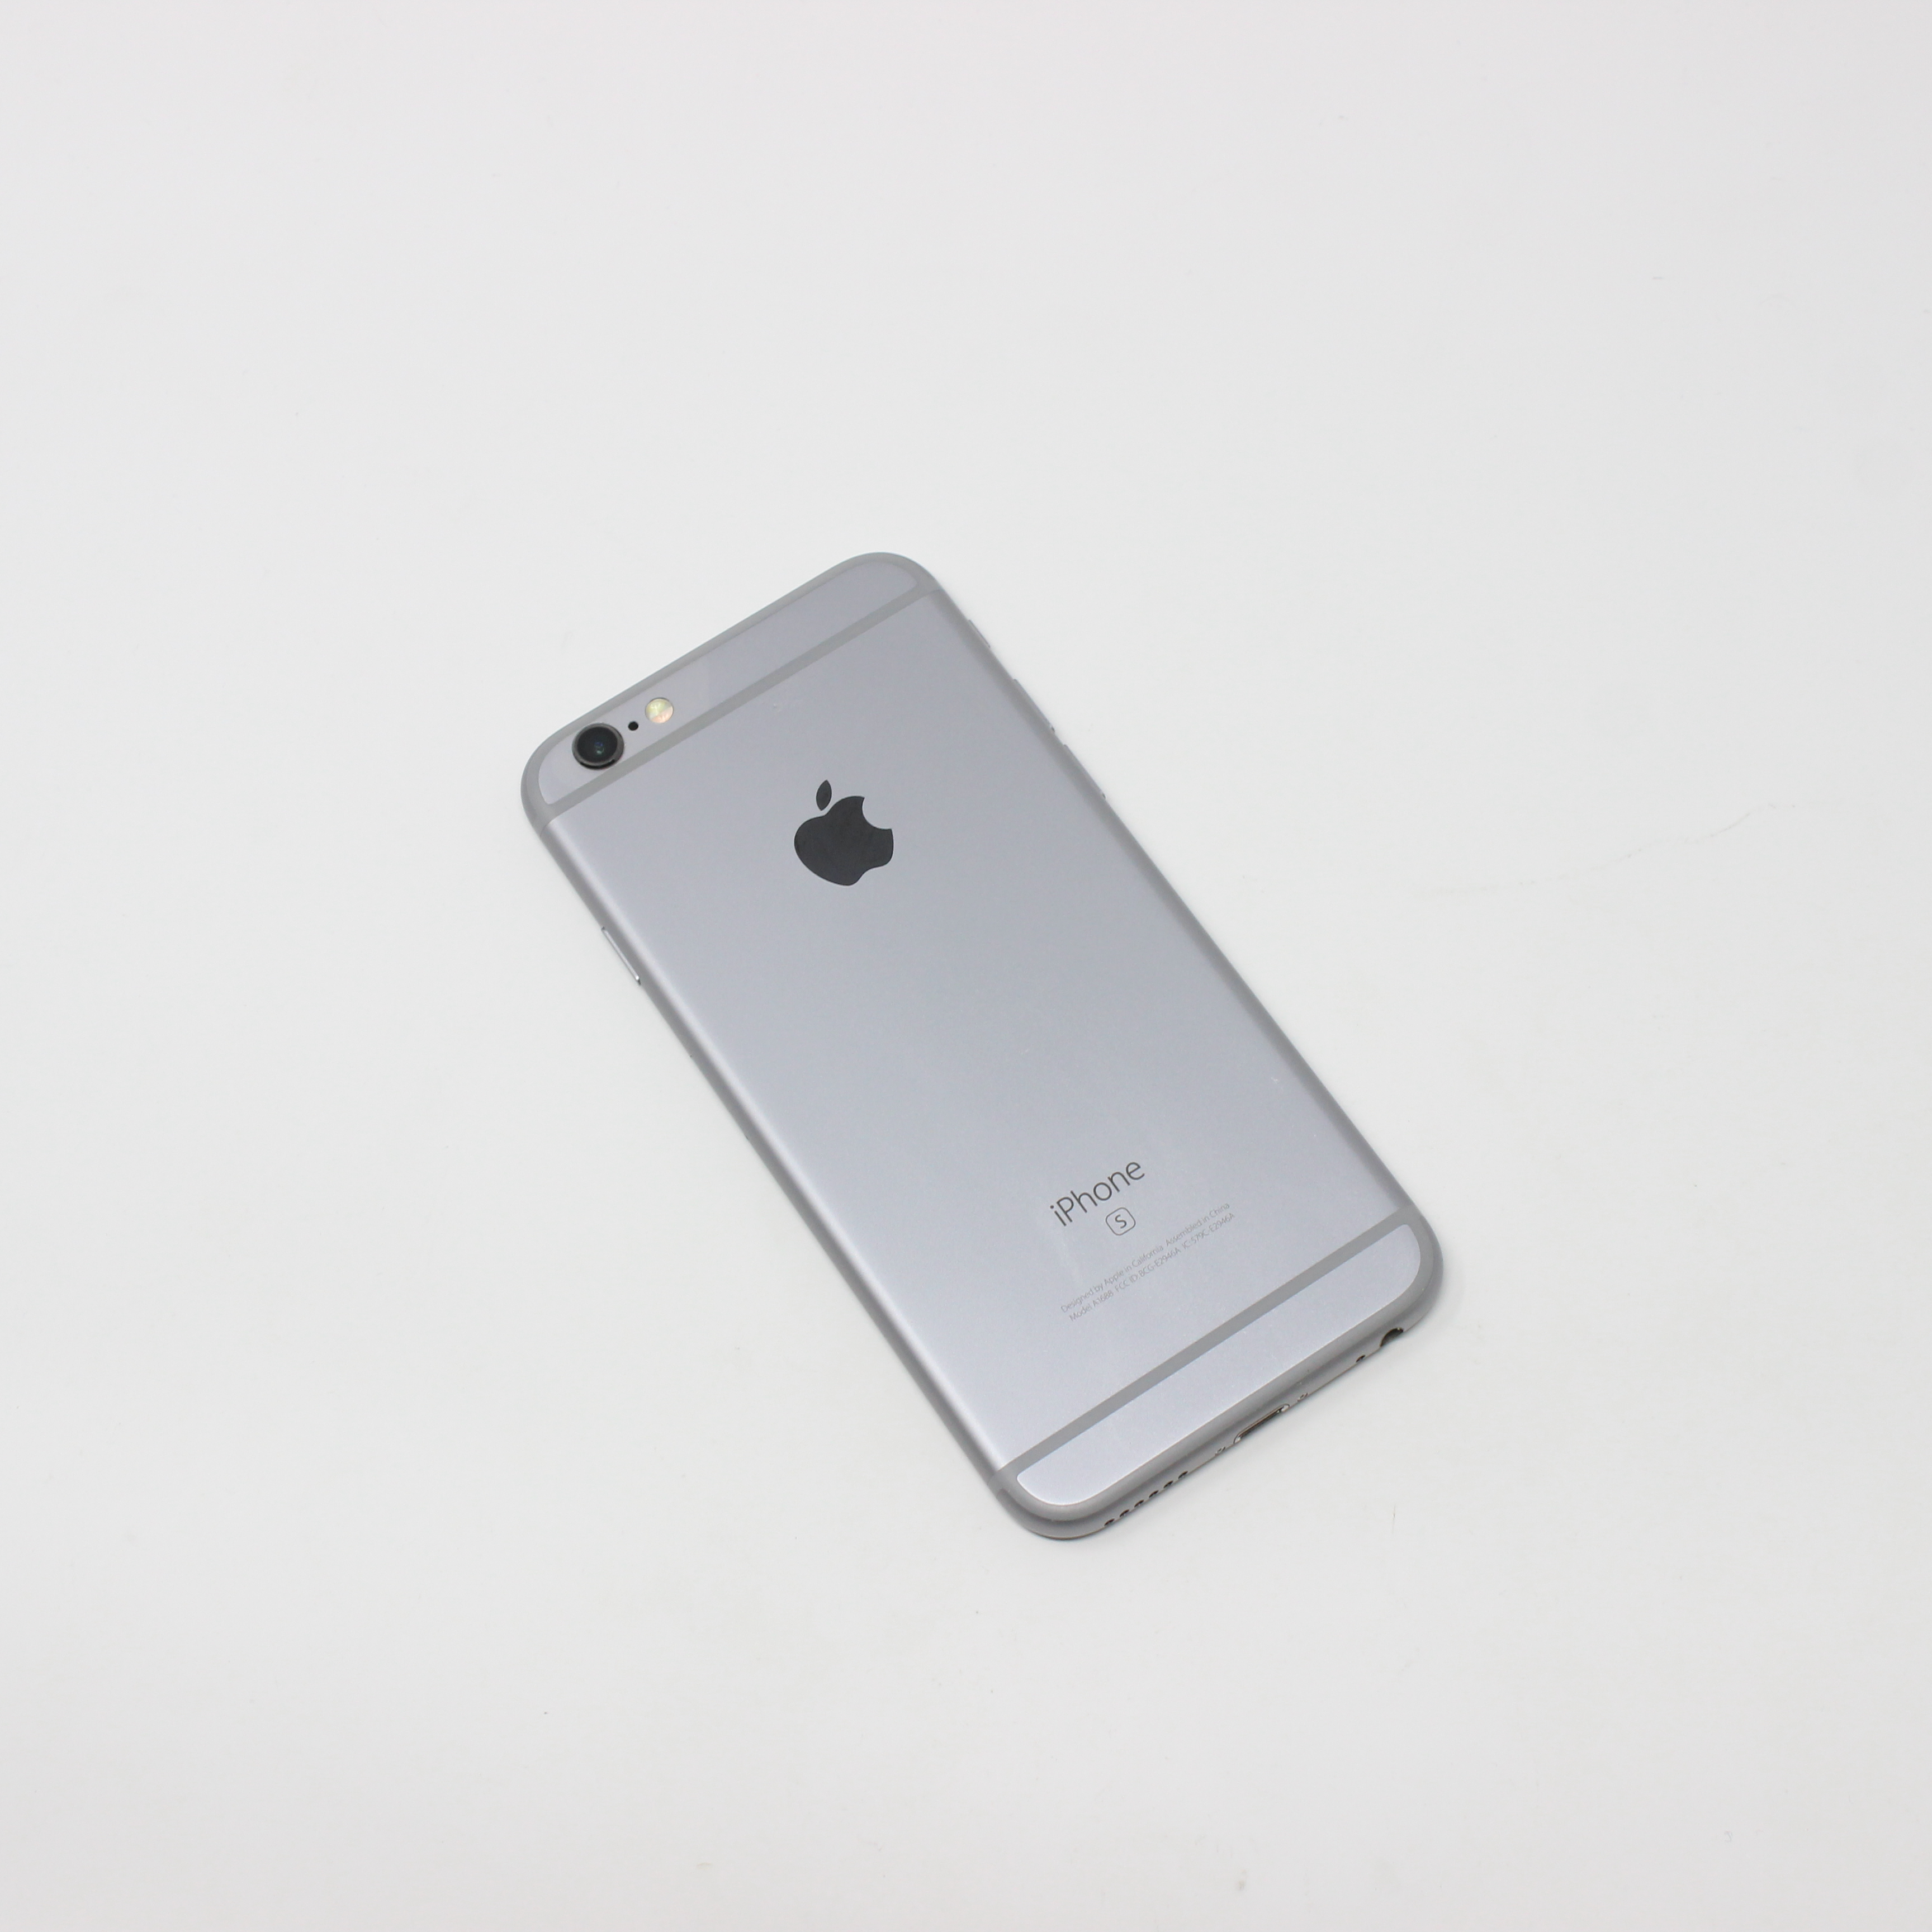 iPhone 6S 64GB Space Gray - AT&T photo 3 | UpTradeit.com